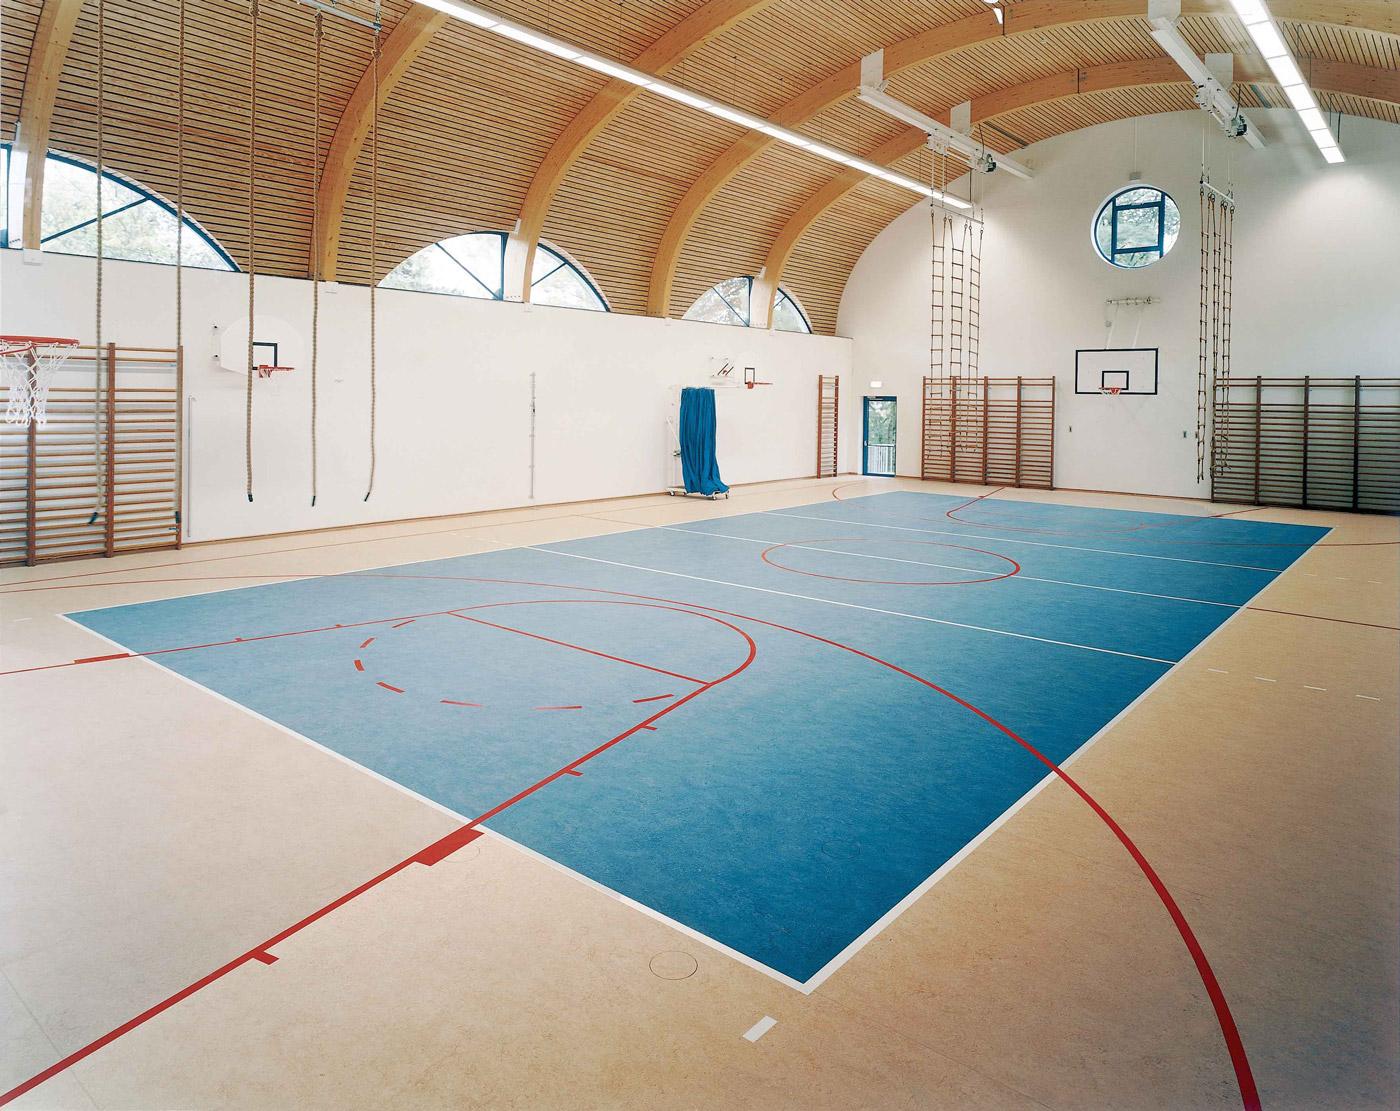 Sportovni-podlaha-5